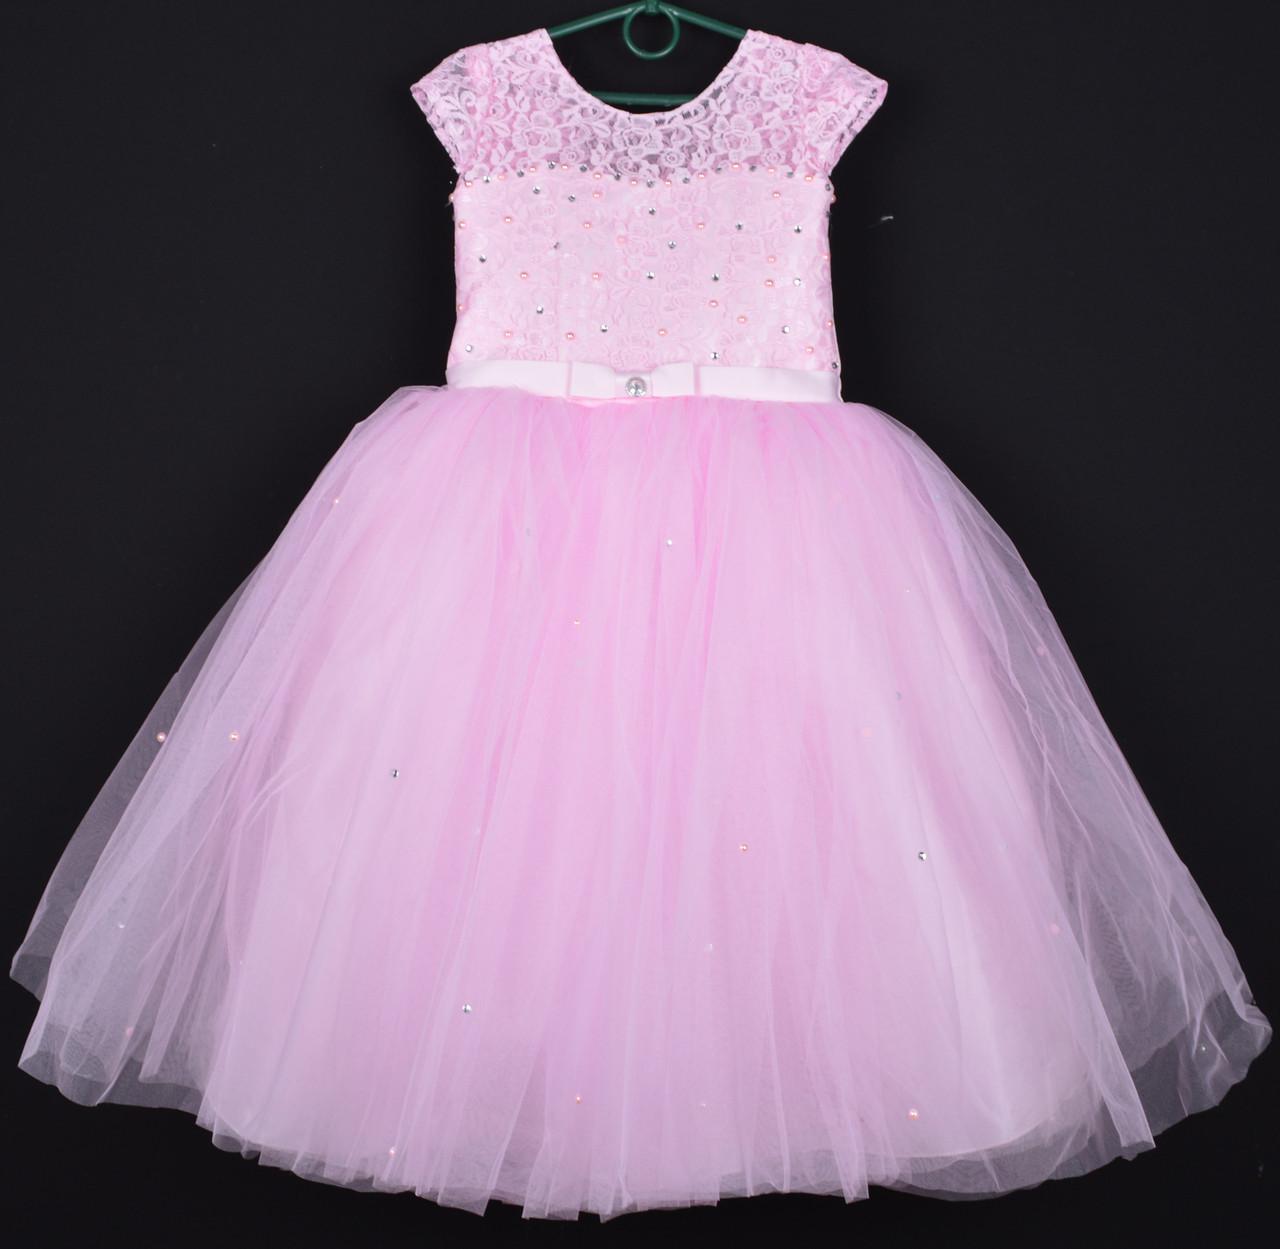 """Платье нарядное детское """"Эмма"""". 5-6 лет. Розовое. Оптом и в розницу"""